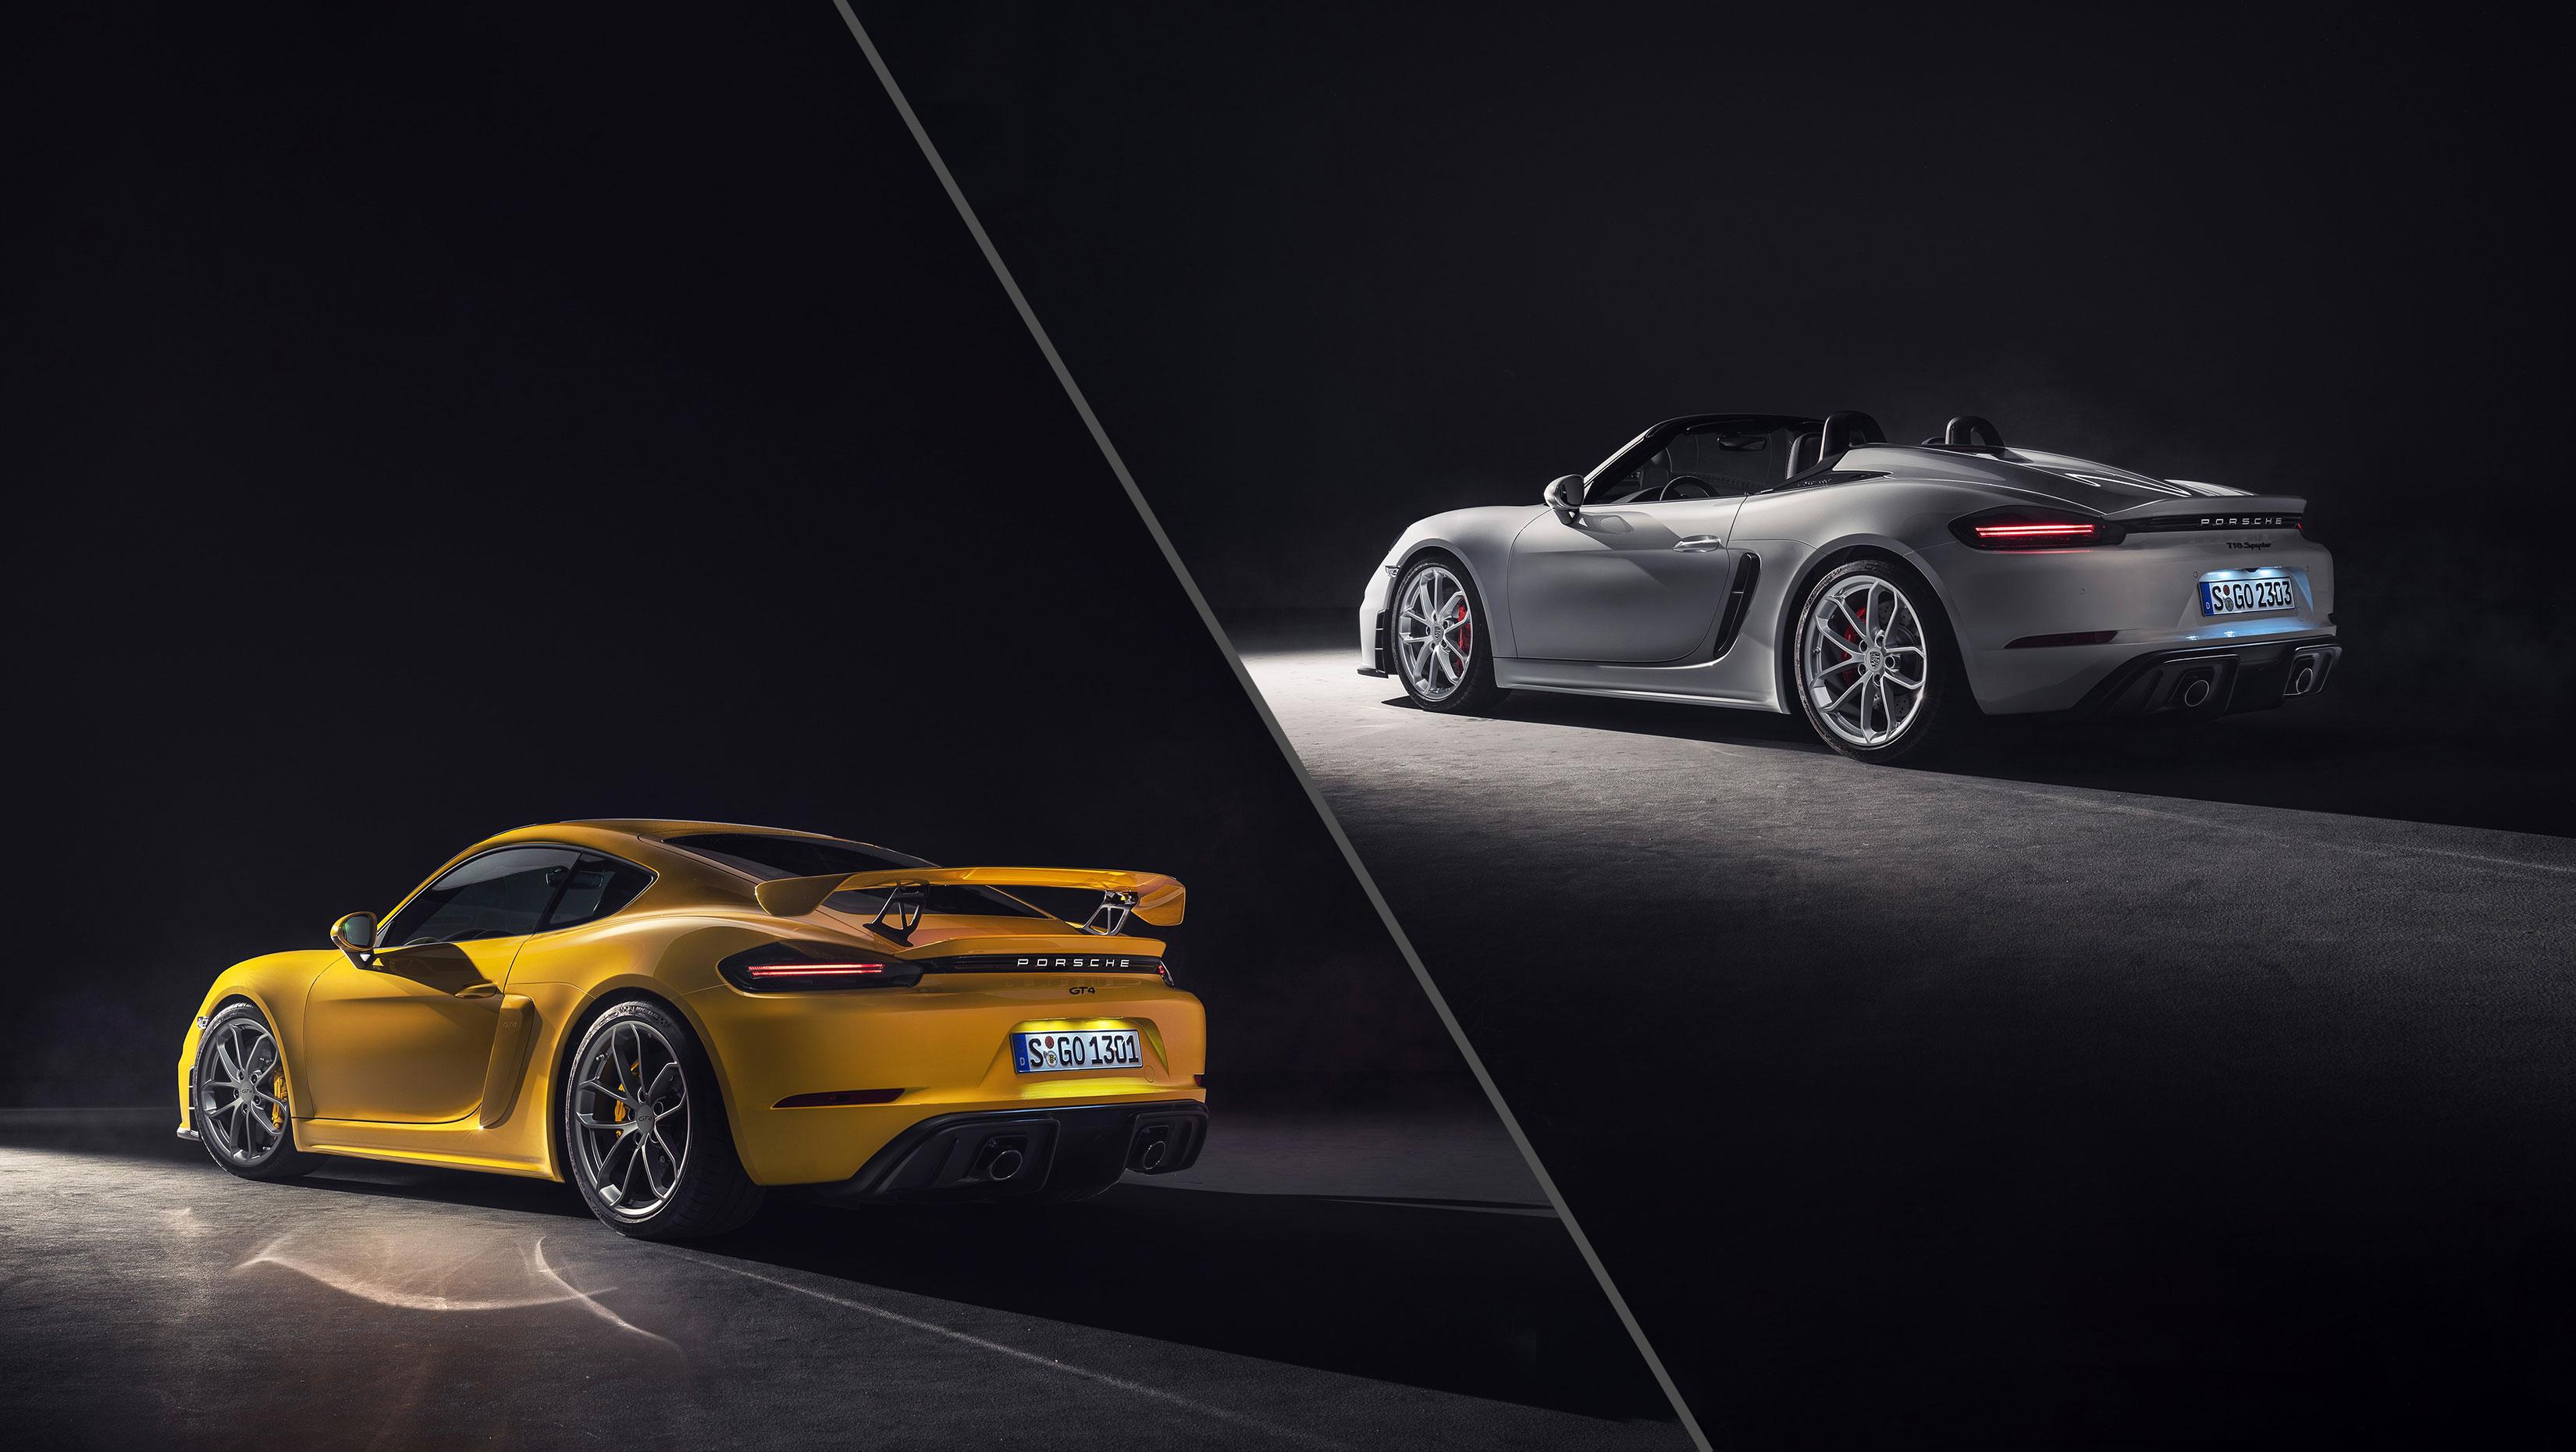 Noi modele sportive de top cu motoare cu aspiratie naturala: Porsche 718 Spyder si 718 Cayman GT4